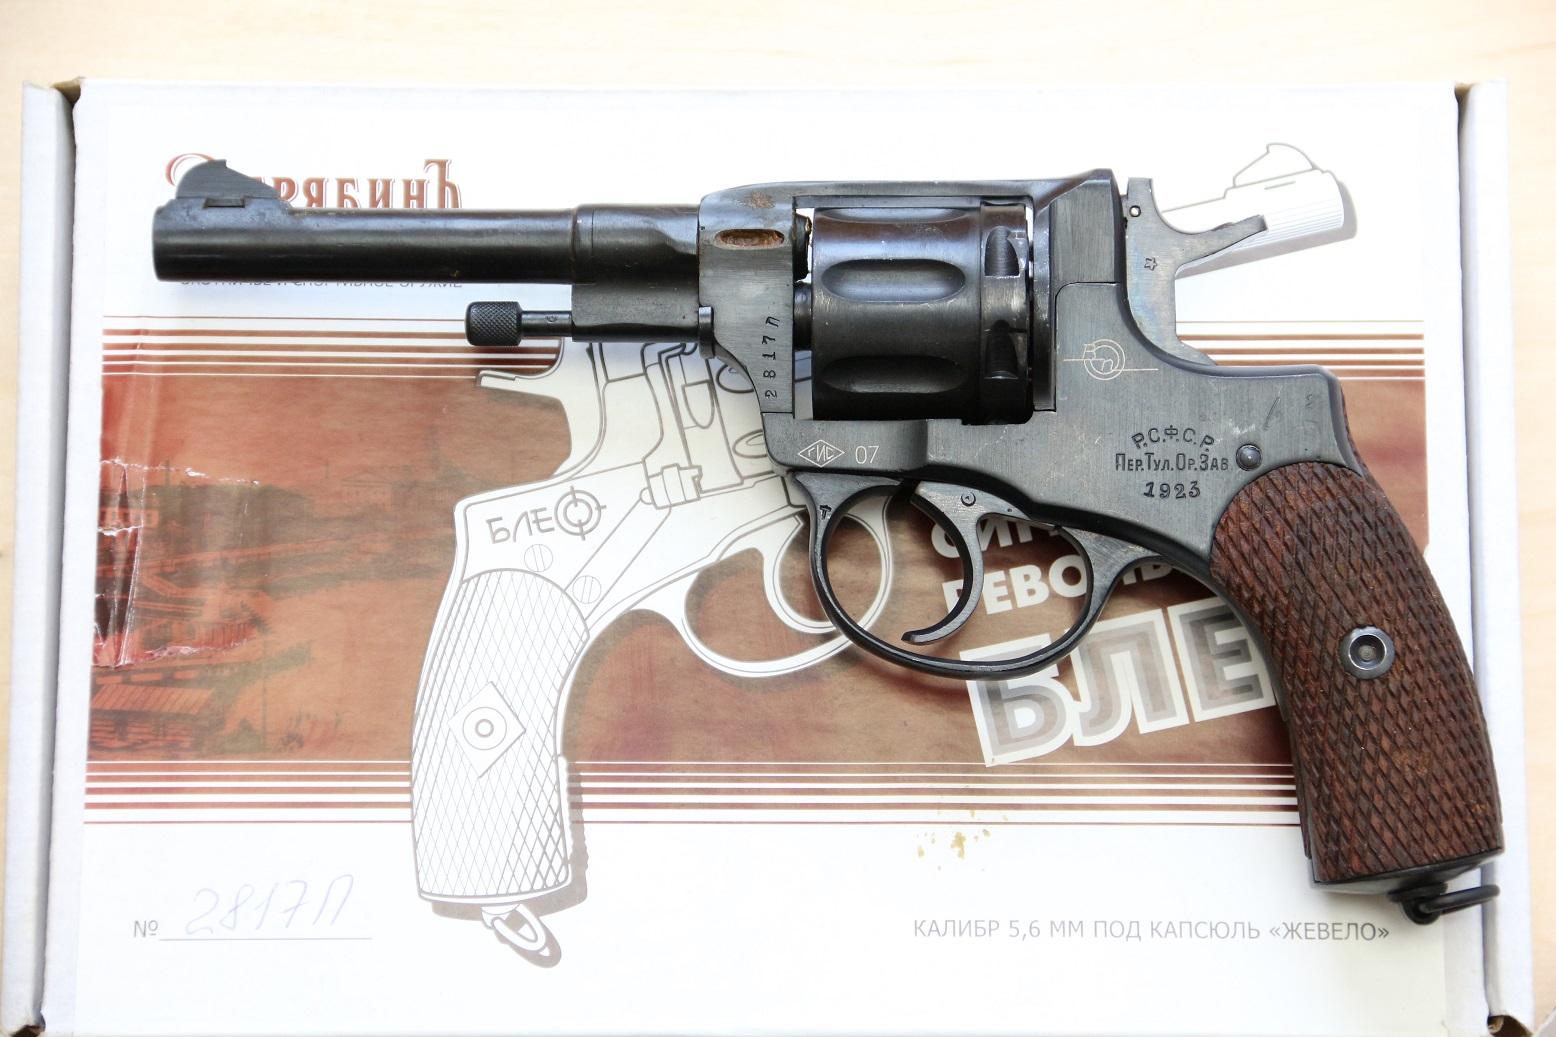 Фото Сигнальный револьвер Наган Блеф 1923 года №2817